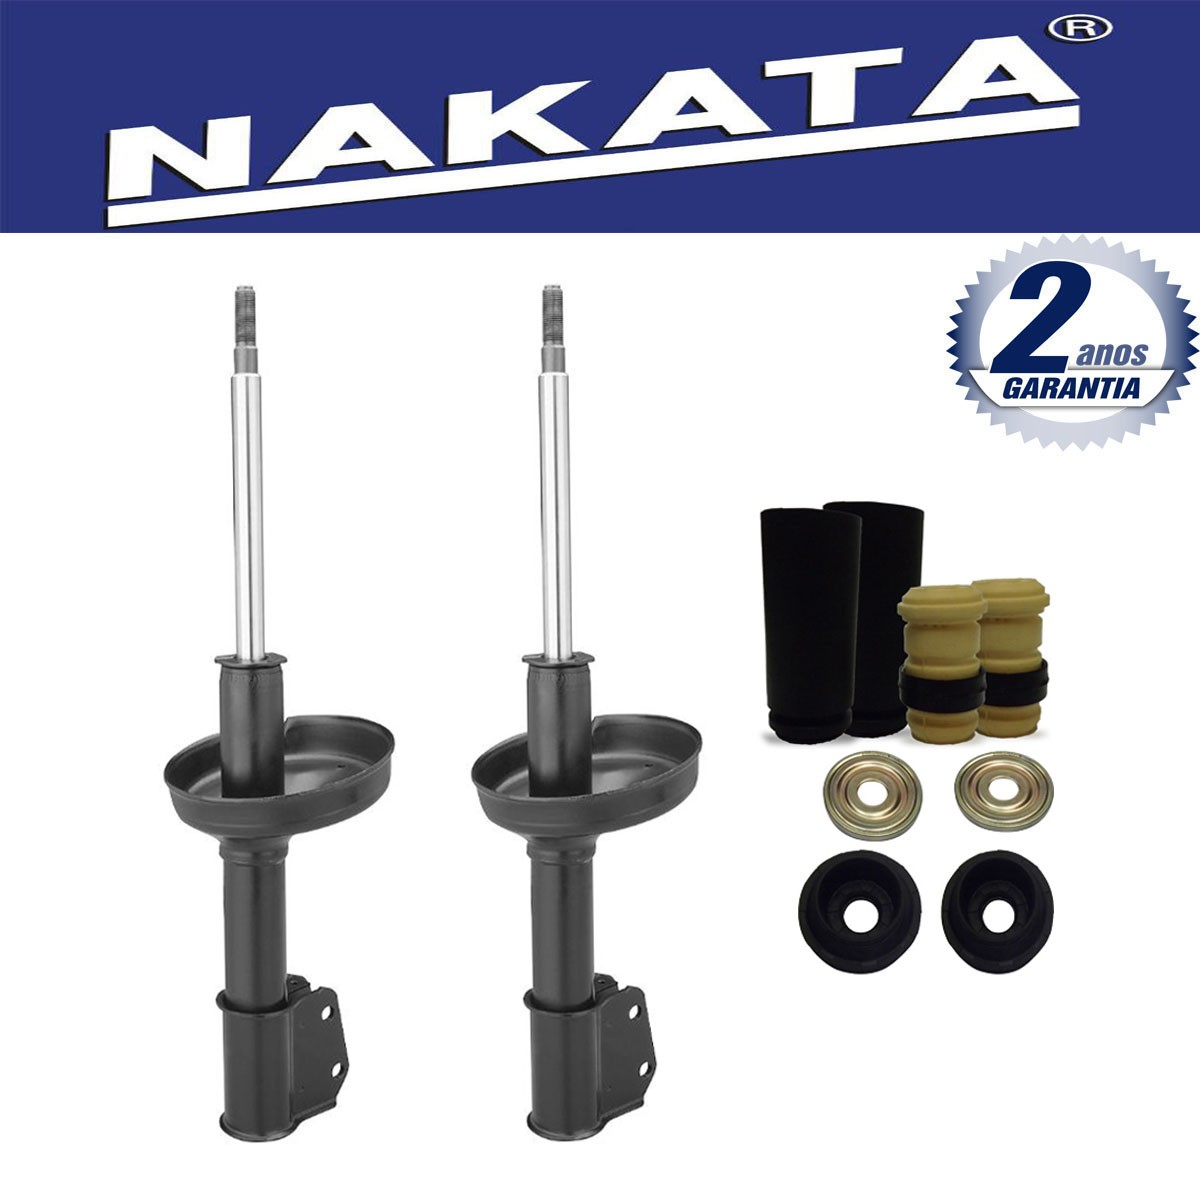 Par de Amortecedores Dianteiro Nakata Renault Clio 1.0 1999 Até 2012 + Kit da Suspensão